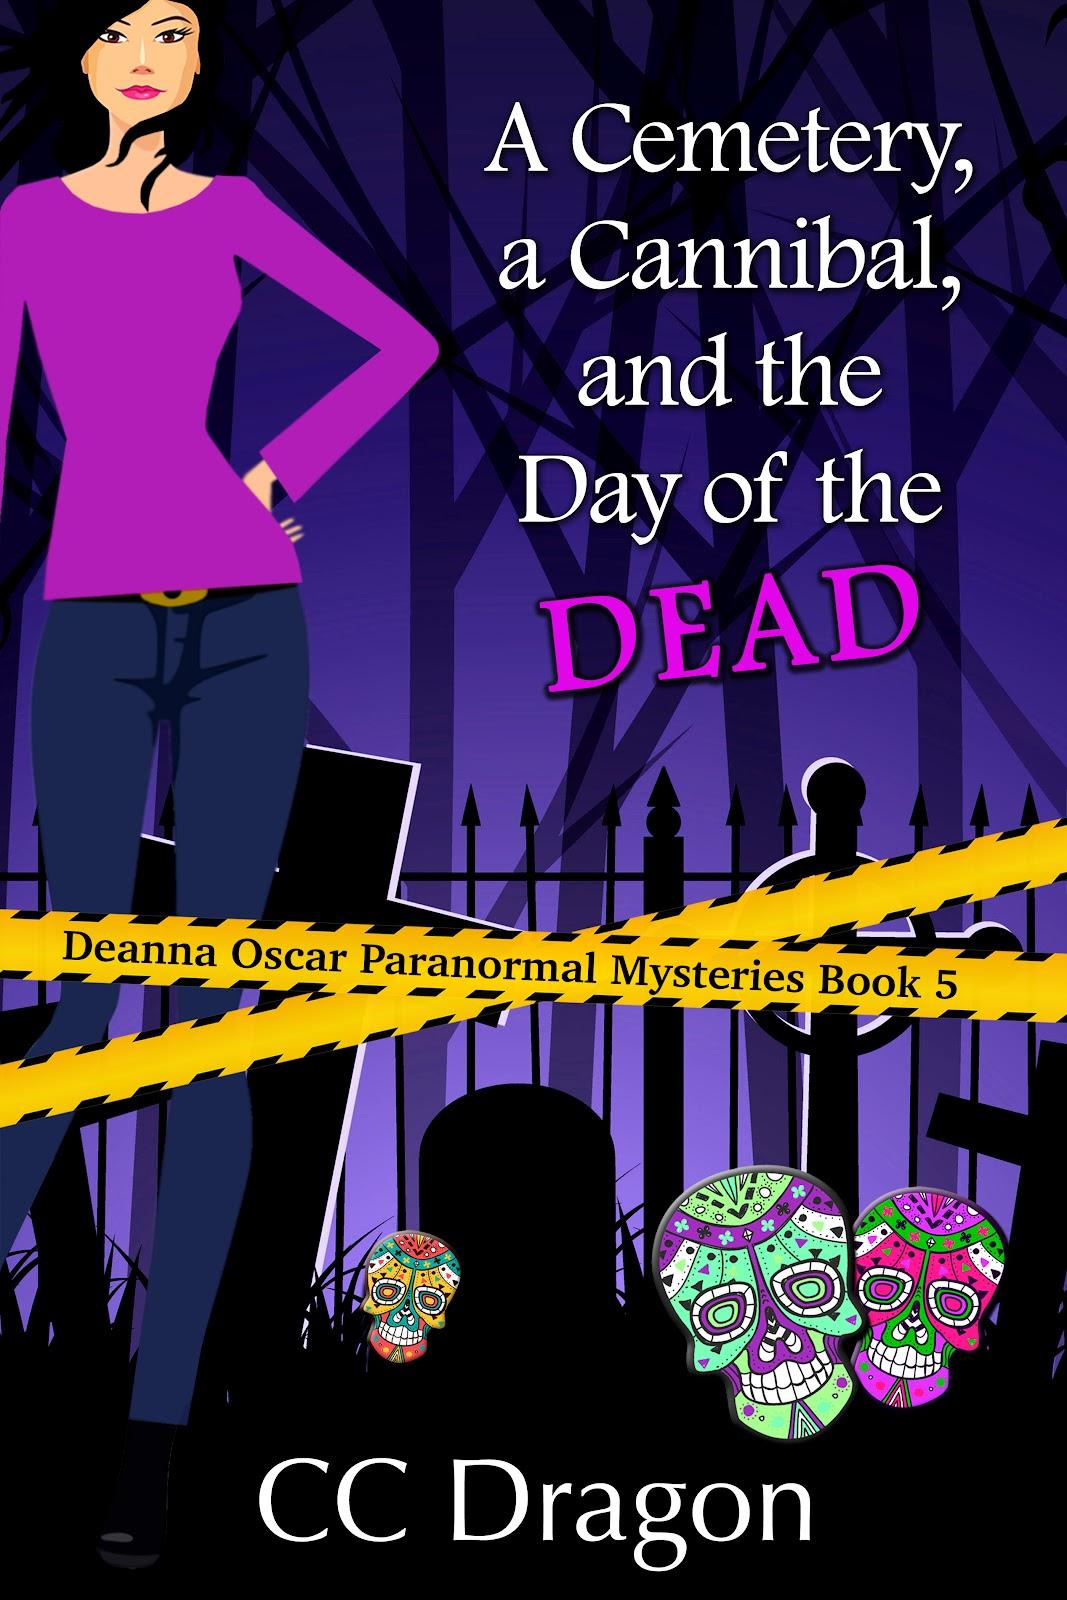 DeannaOscar5-Cover.jpg